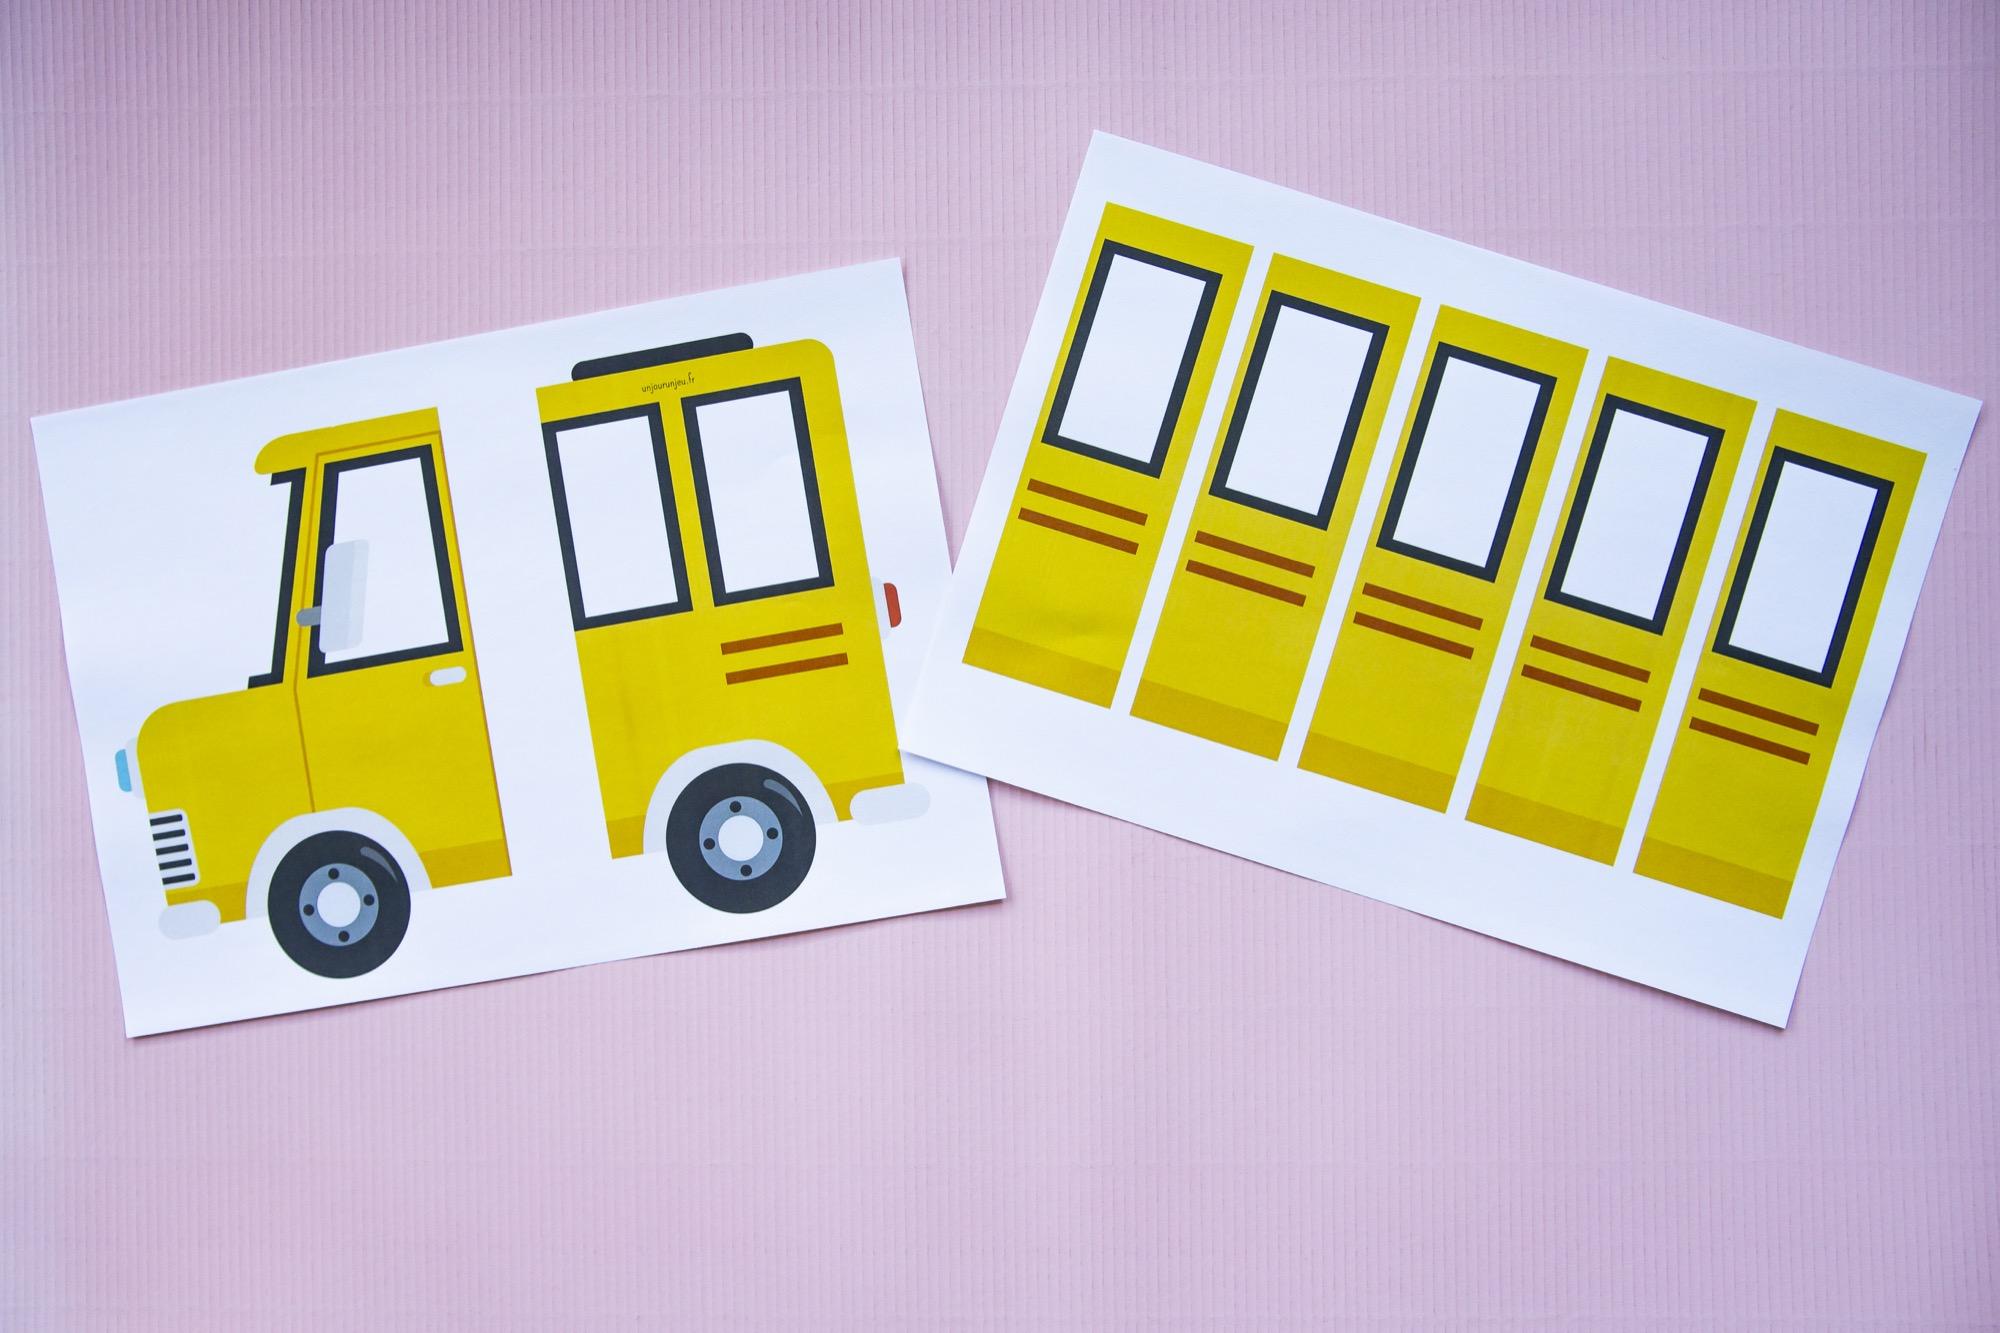 Fiche prénom bus scolaire - étape 1